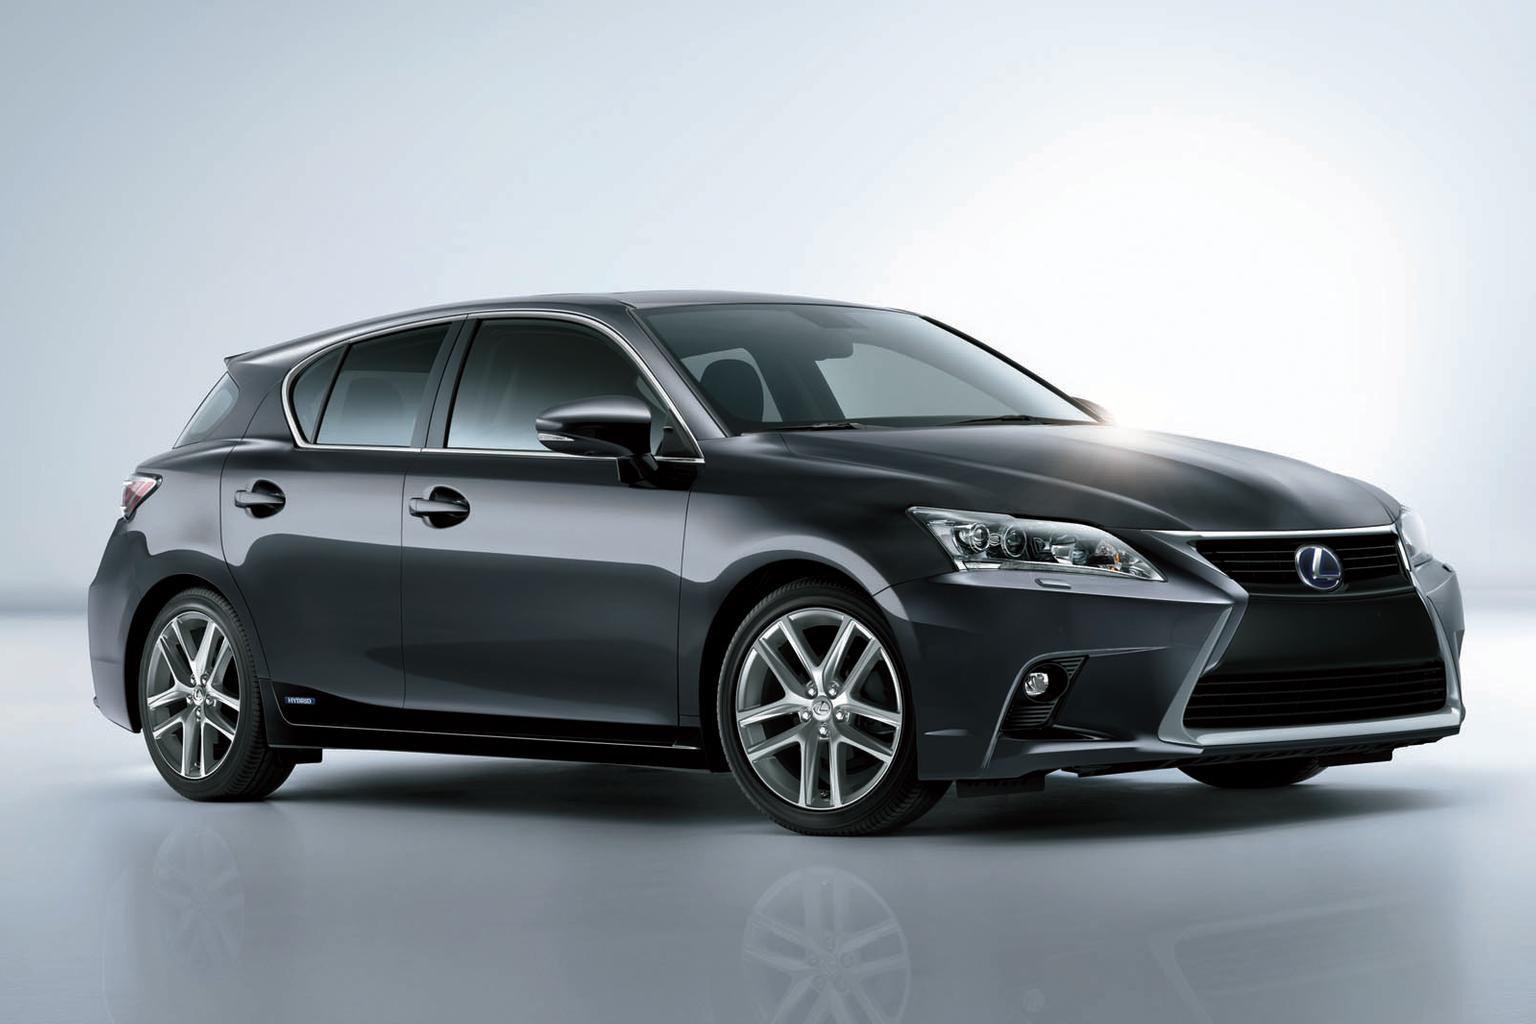 2014 Lexus CT200h revealed